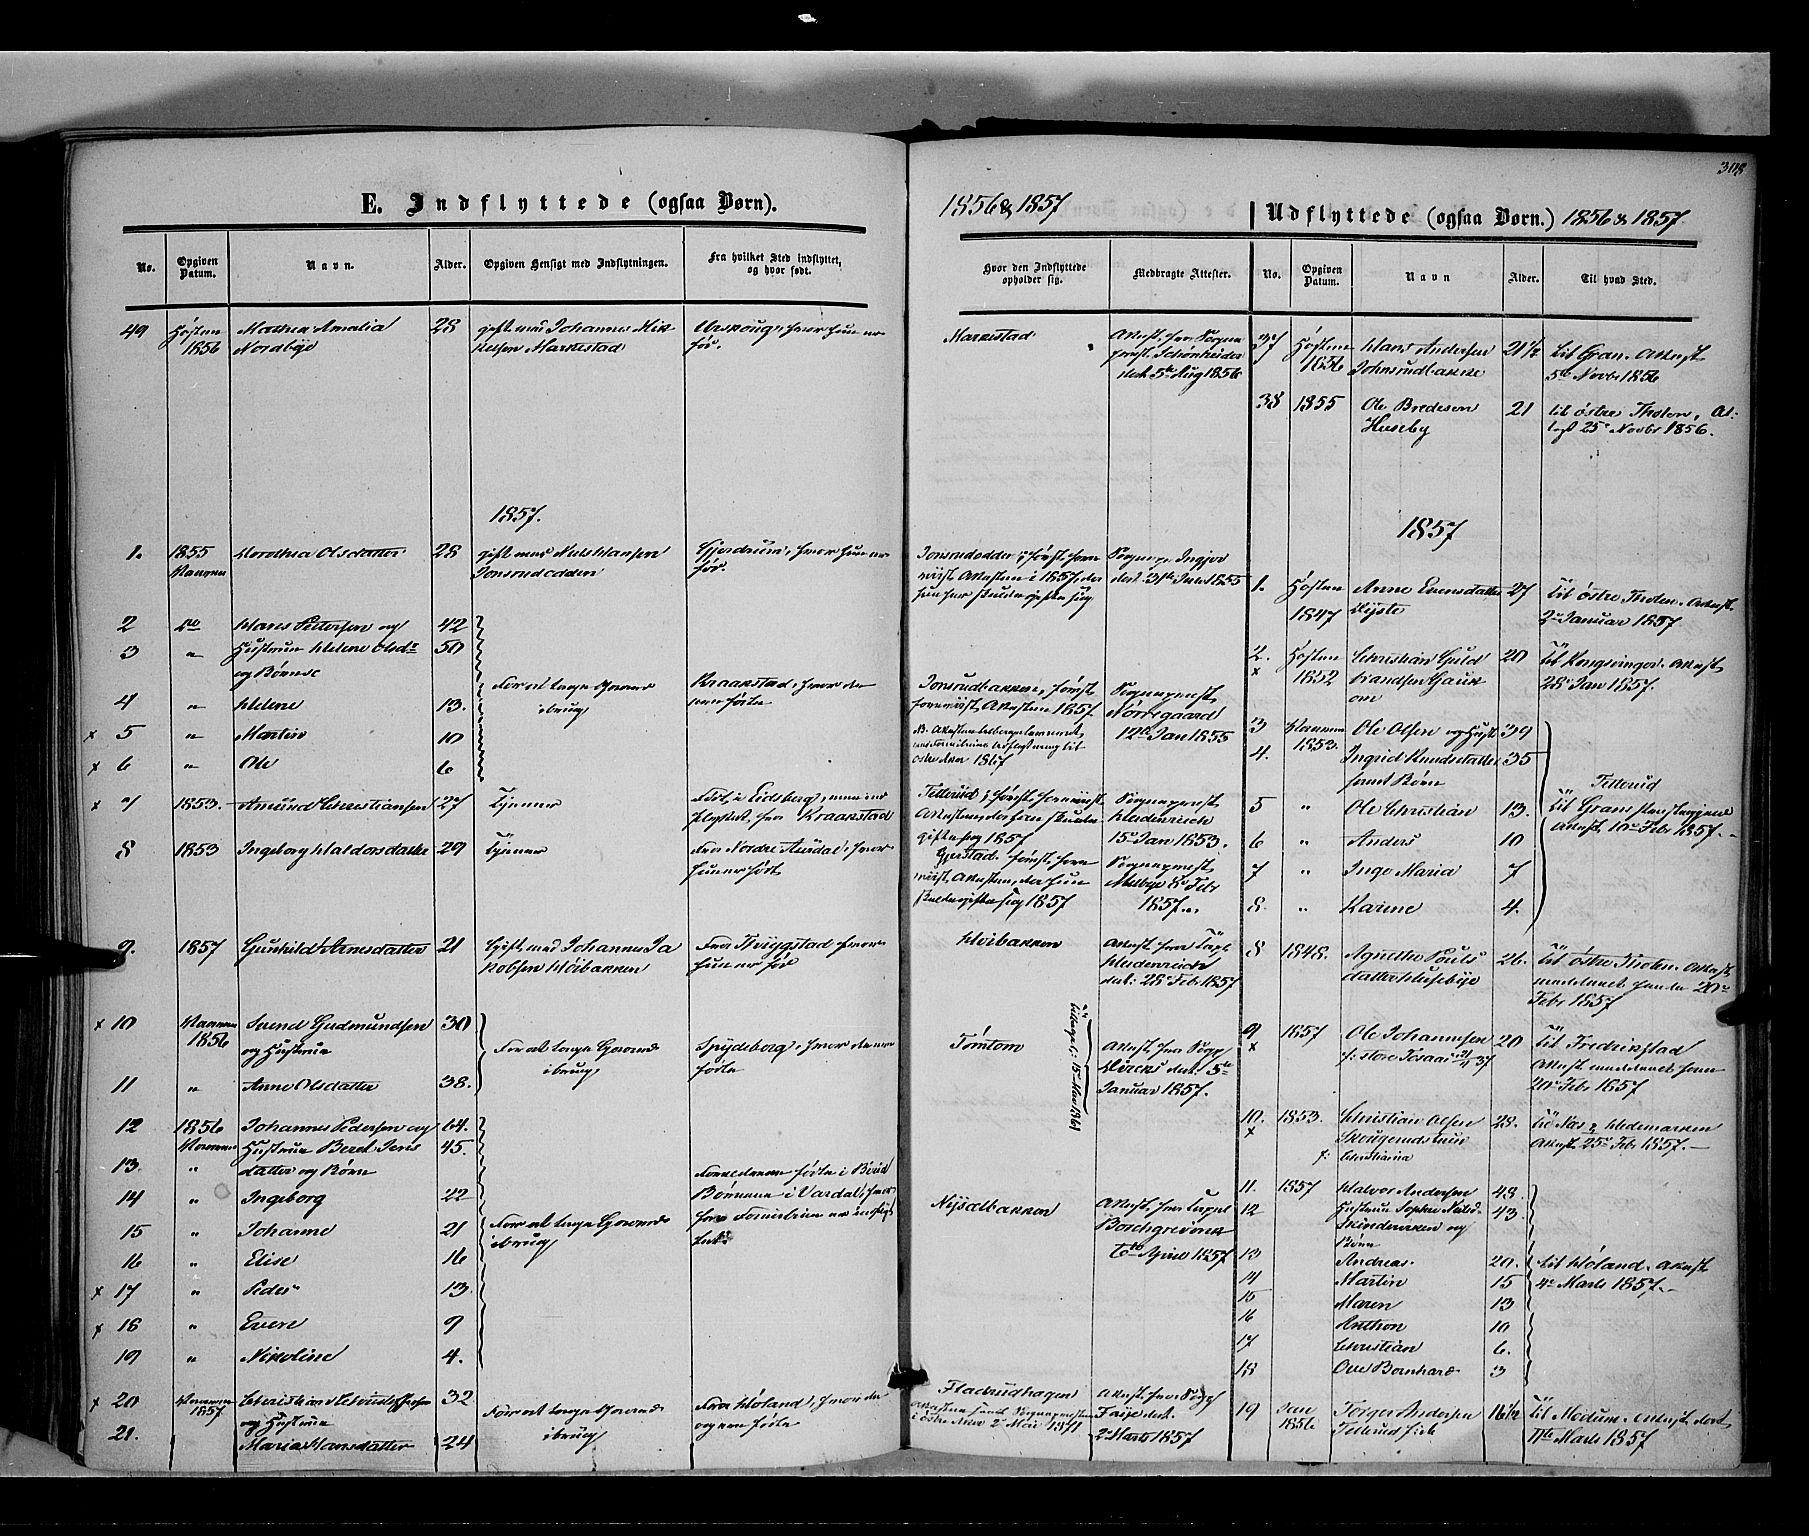 SAH, Vestre Toten prestekontor, Ministerialbok nr. 6, 1856-1861, s. 308